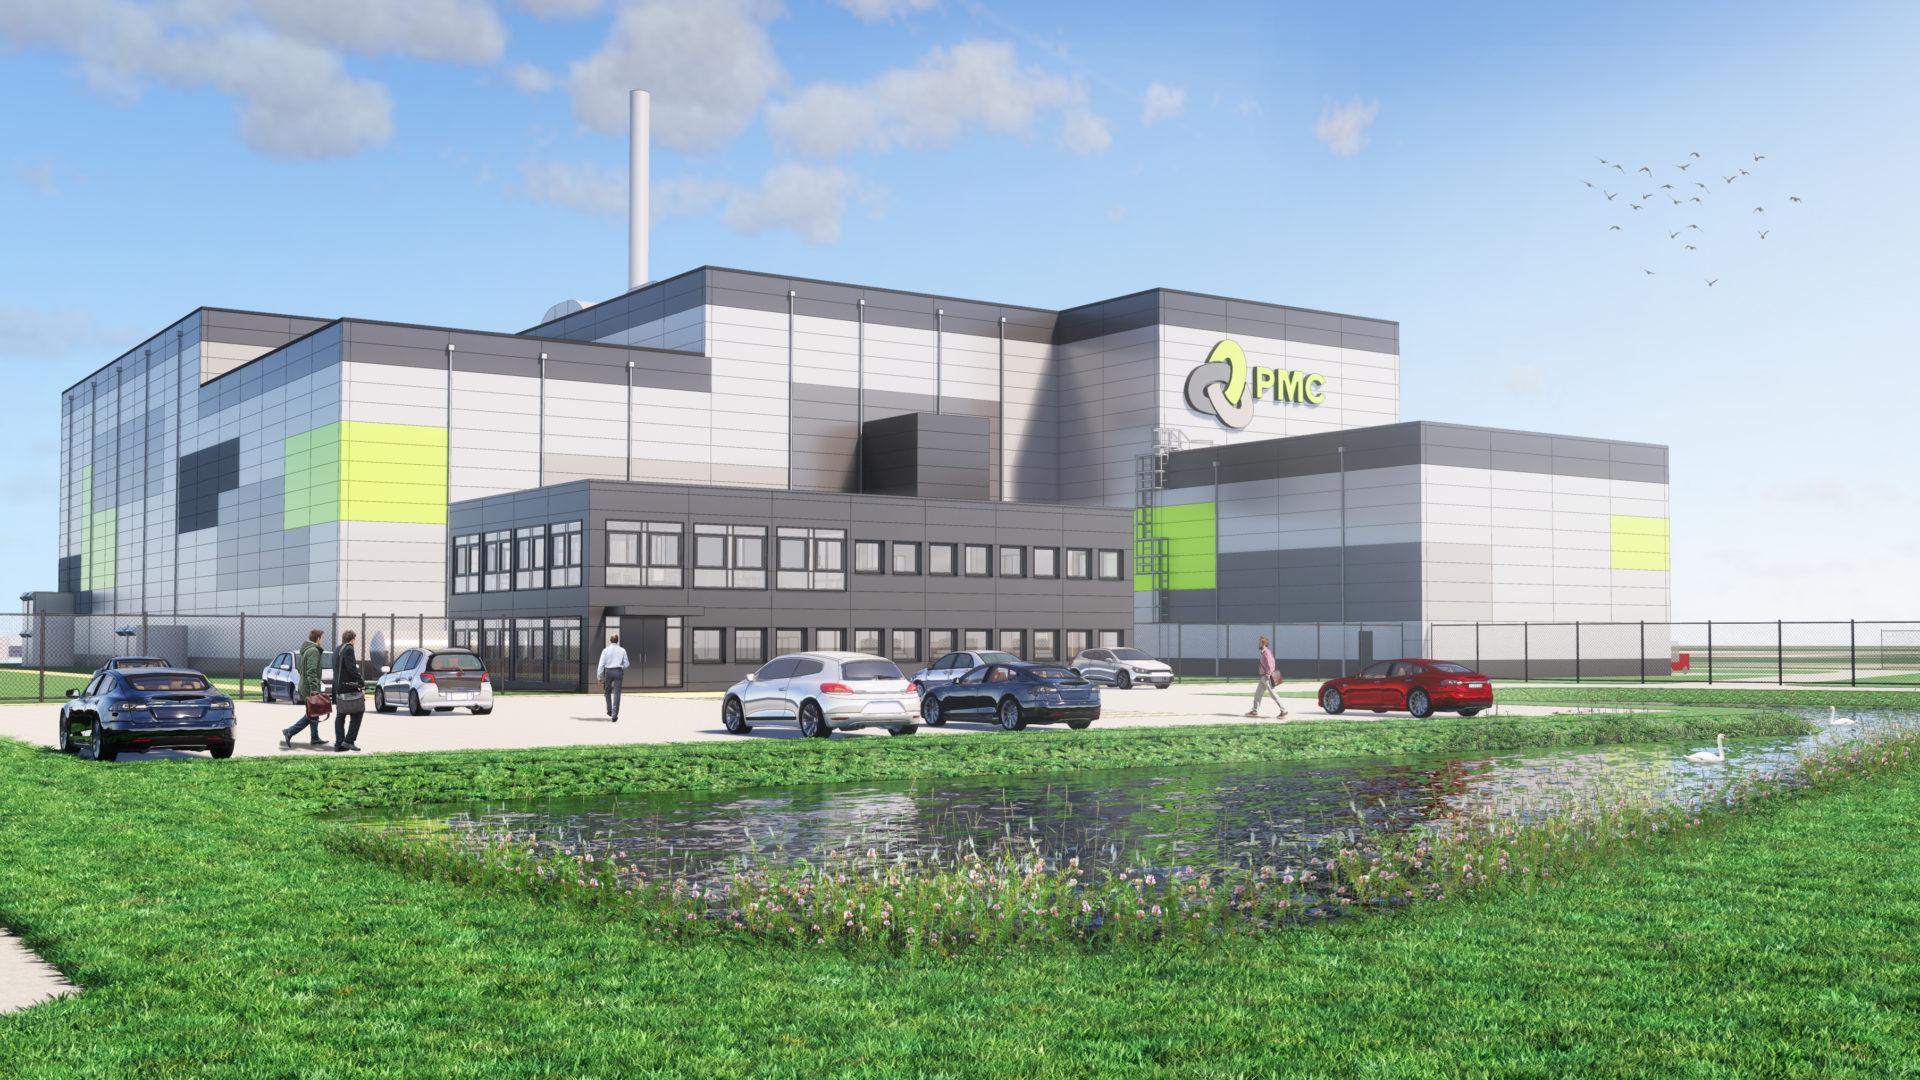 Bouw innovatieve staalrecyclingfabriek PMC in Delfzijl gestart